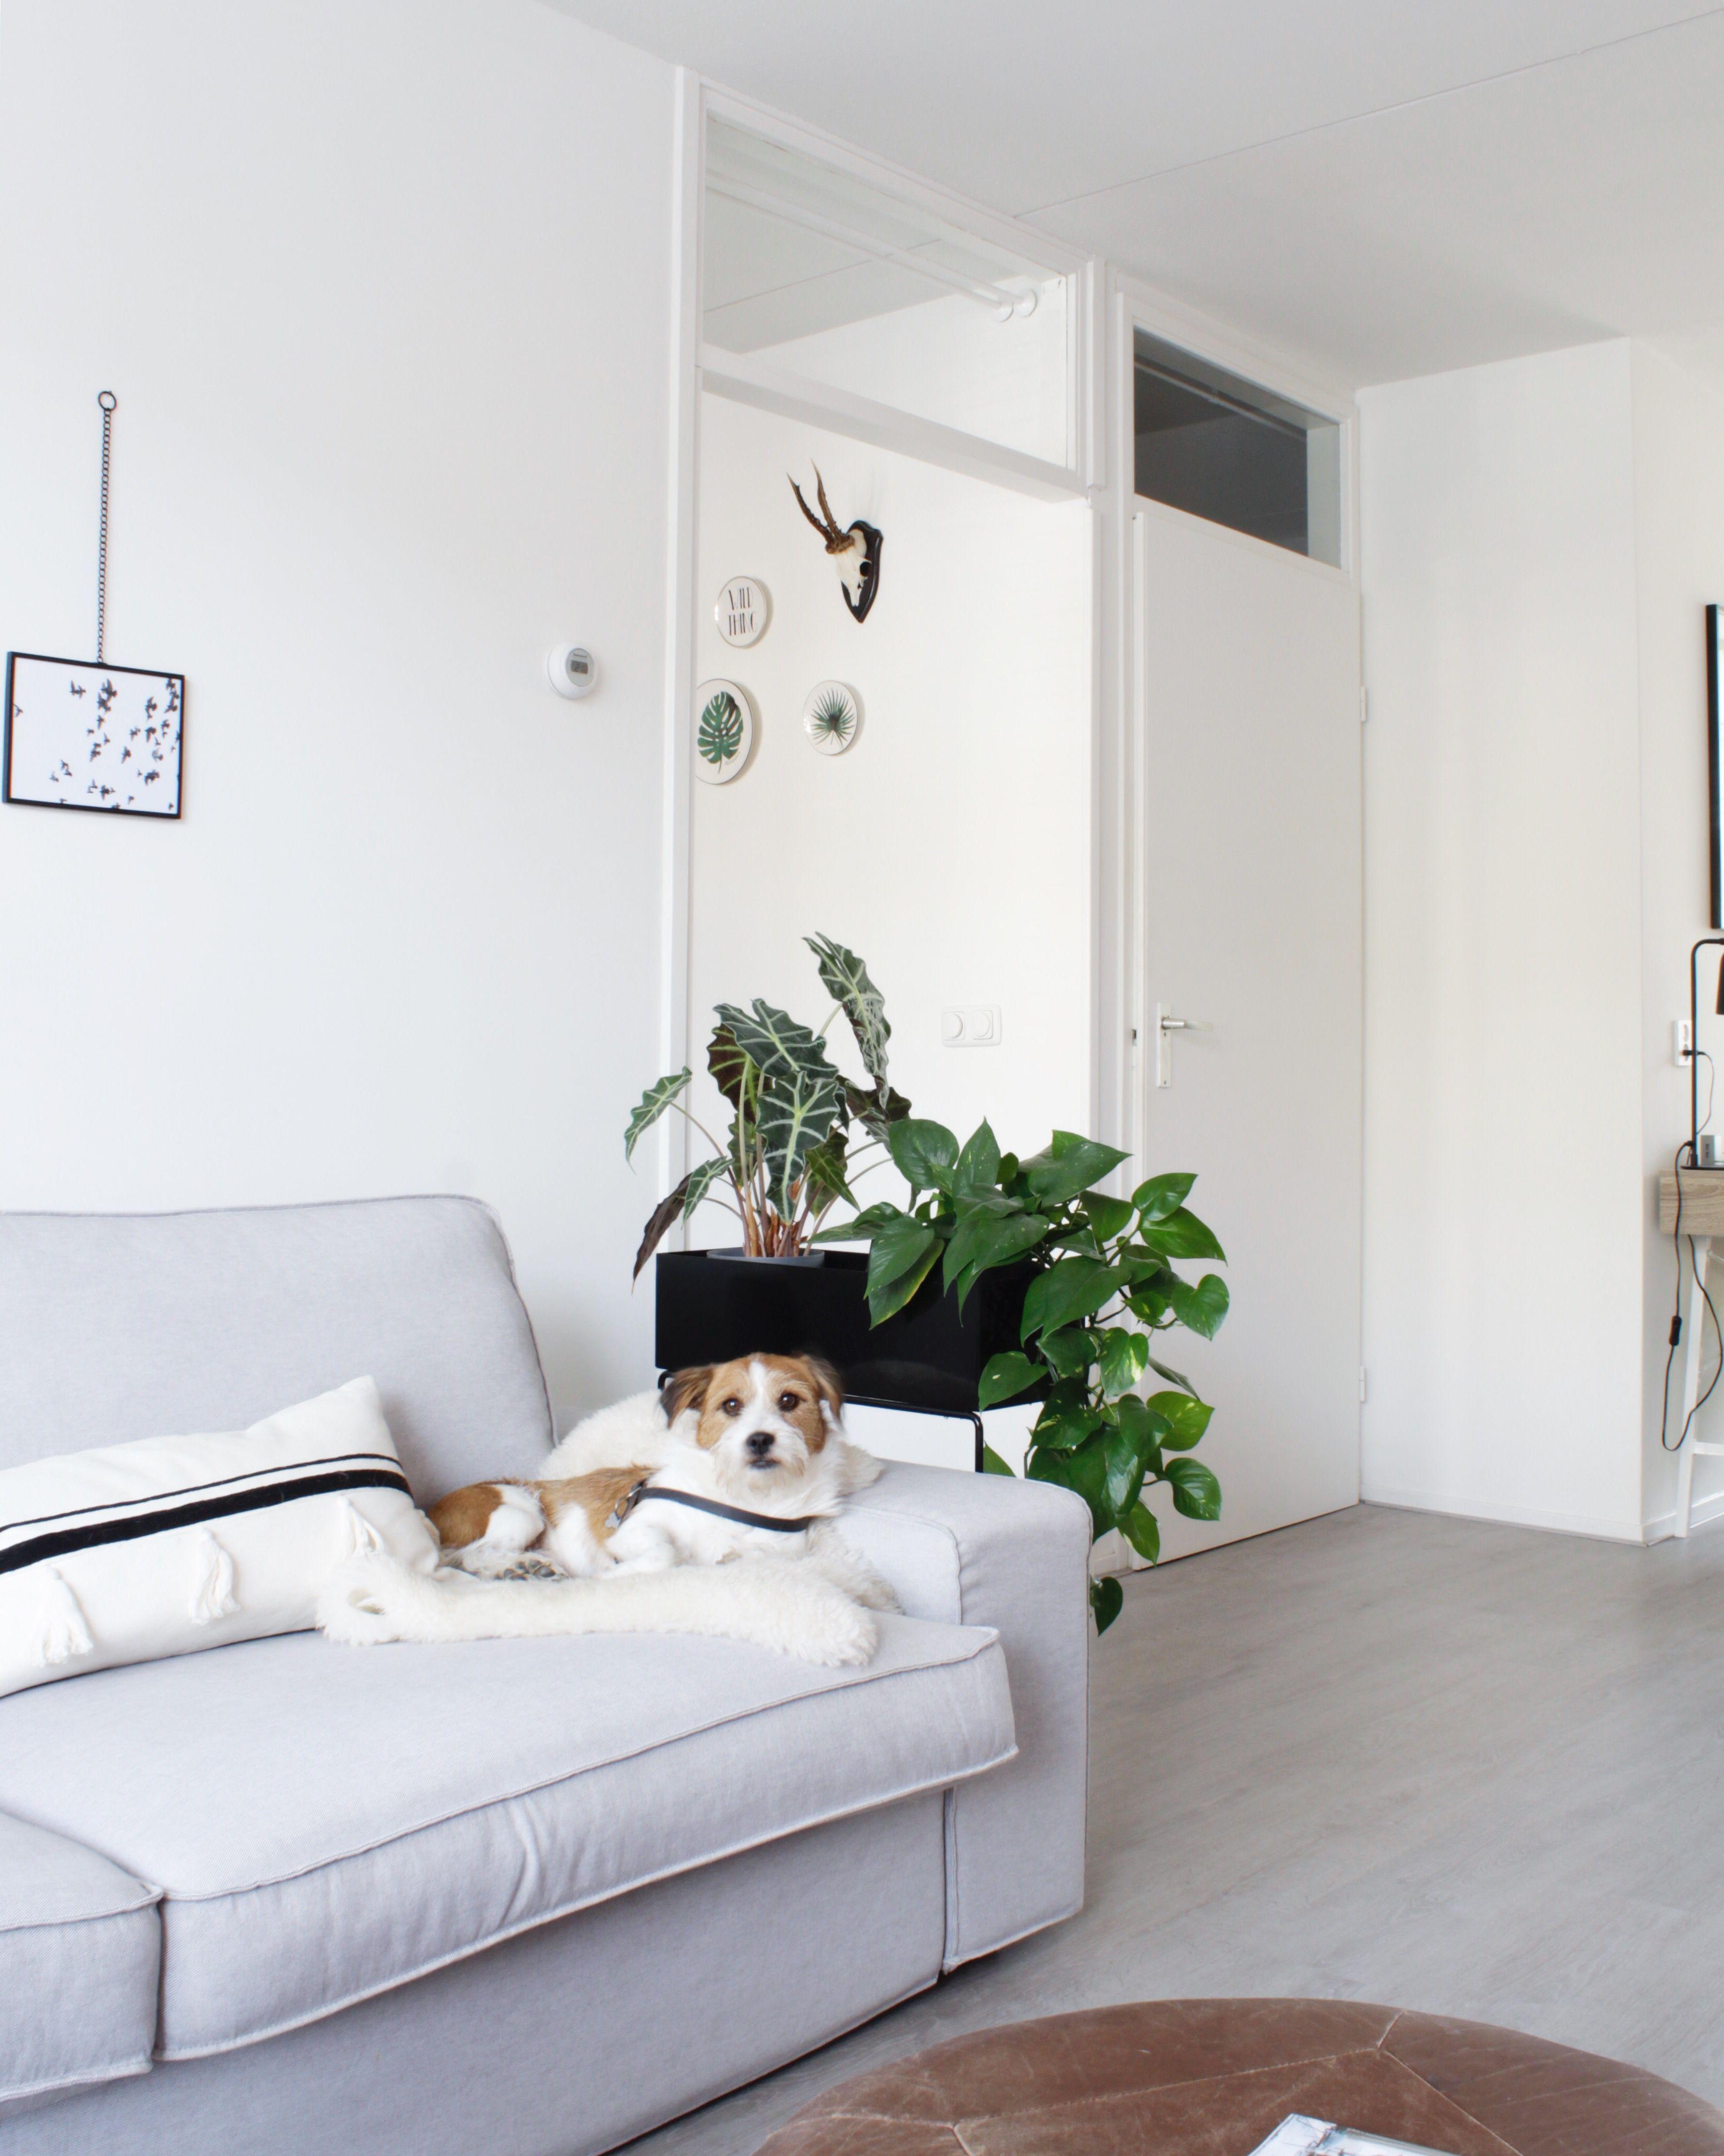 Graues Kivik 3 Sitzer Sofa Von Ikea In Einem Frischen Skandinavischen Interieur In 2020 Home Decor Furniture Home